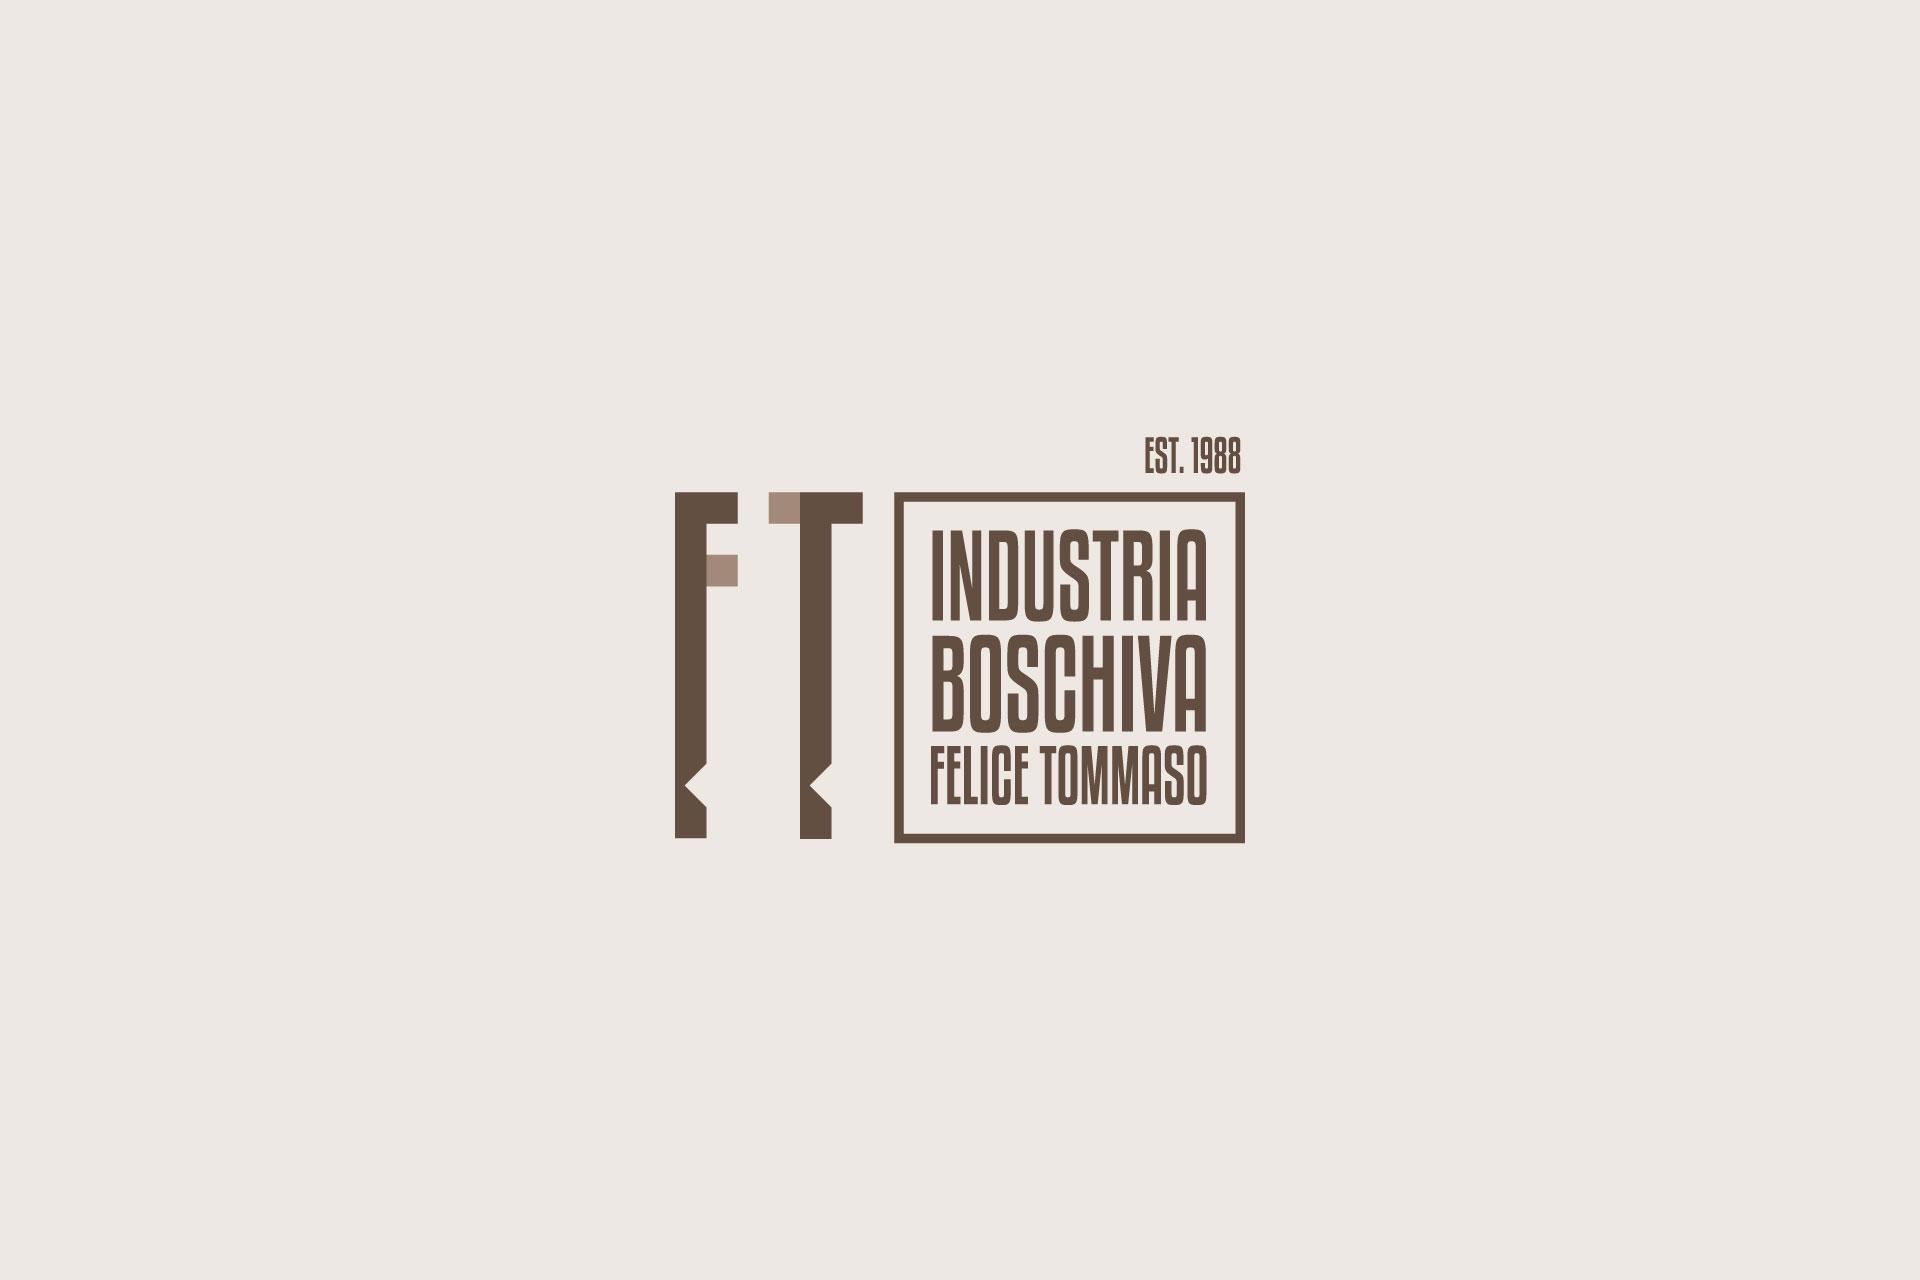 Loghi, Logotipi, Brand, Marchi, Marketing, Grafica Pubblicità Campobasso